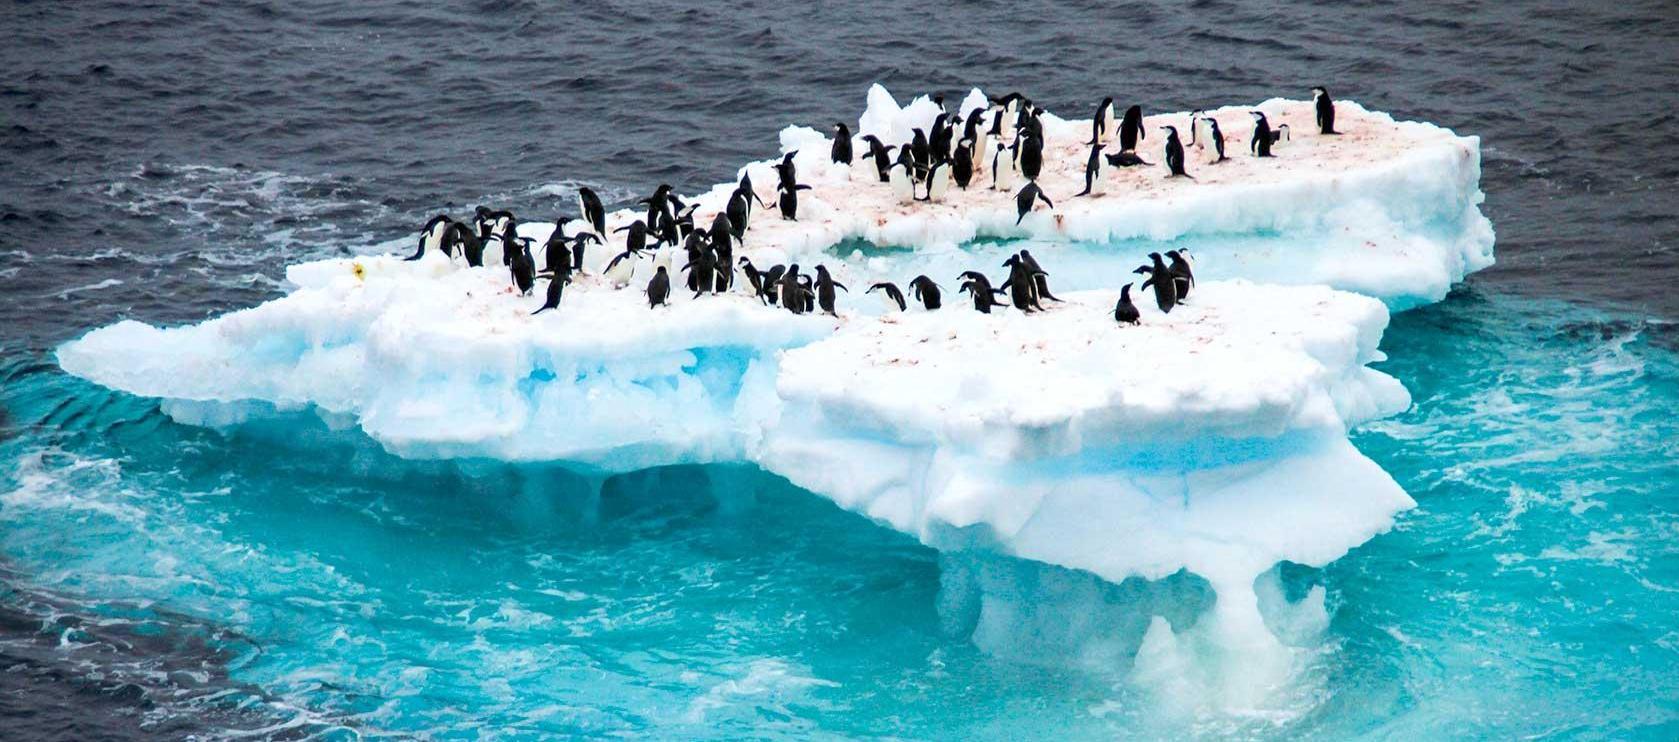 Melelehnya lapisan es selain menyebabkan perubahan arah kutub, juga menghilangkan tempat tinggal bagi satwa. (photo: dok. cgtn)